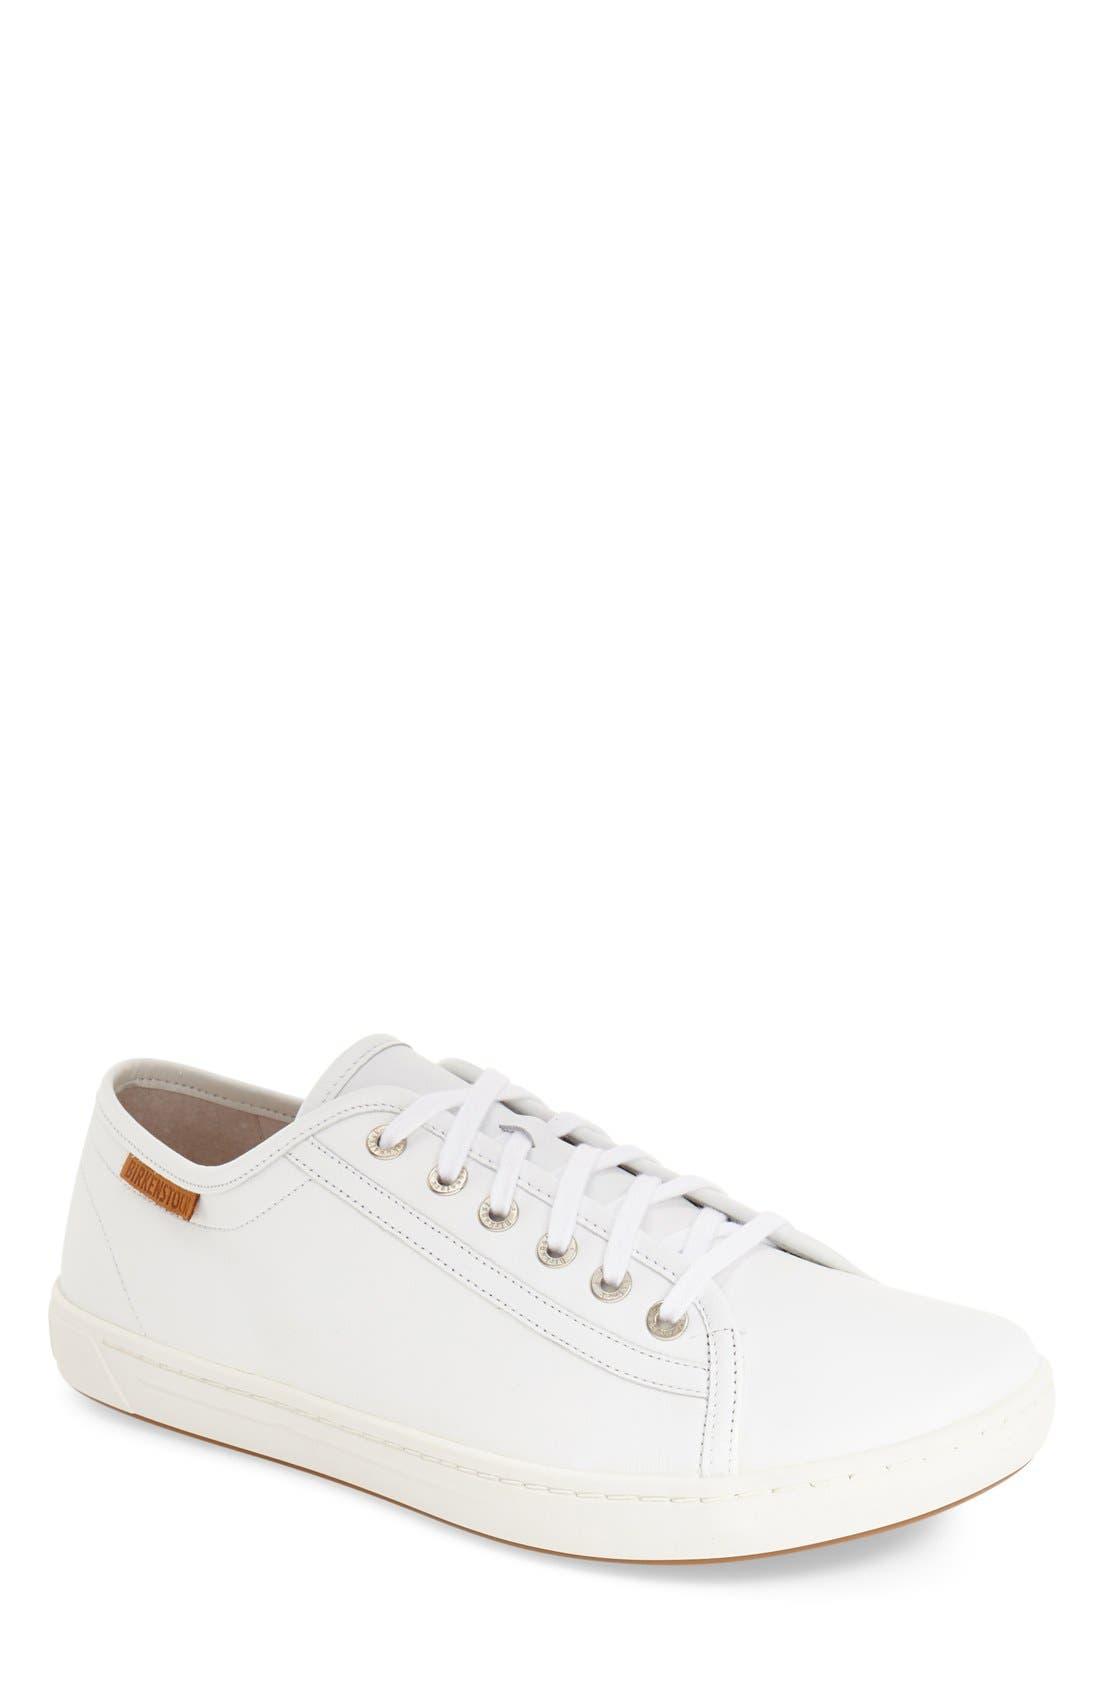 'Arran' Sneaker,                         Main,                         color, 100